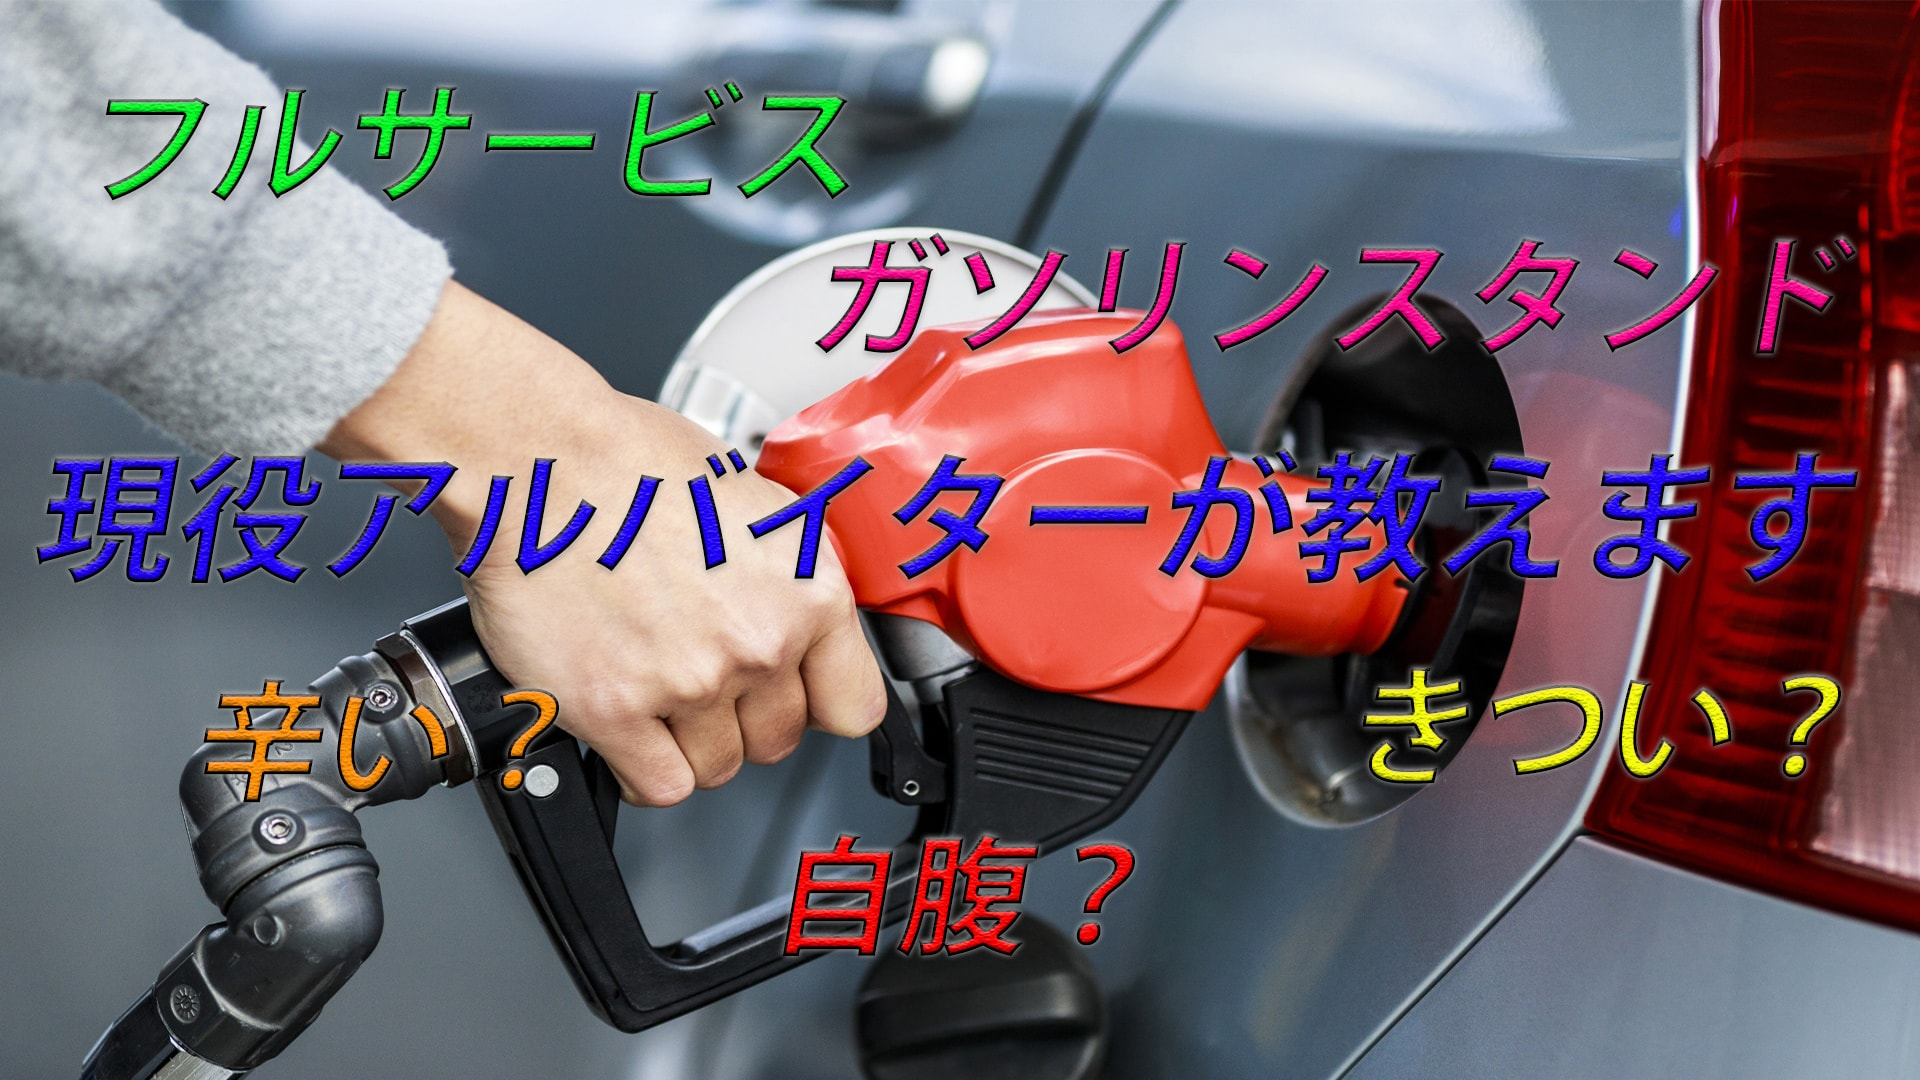 【バイトおすすめ】フルサービスガソリンスタンドはどうなの?